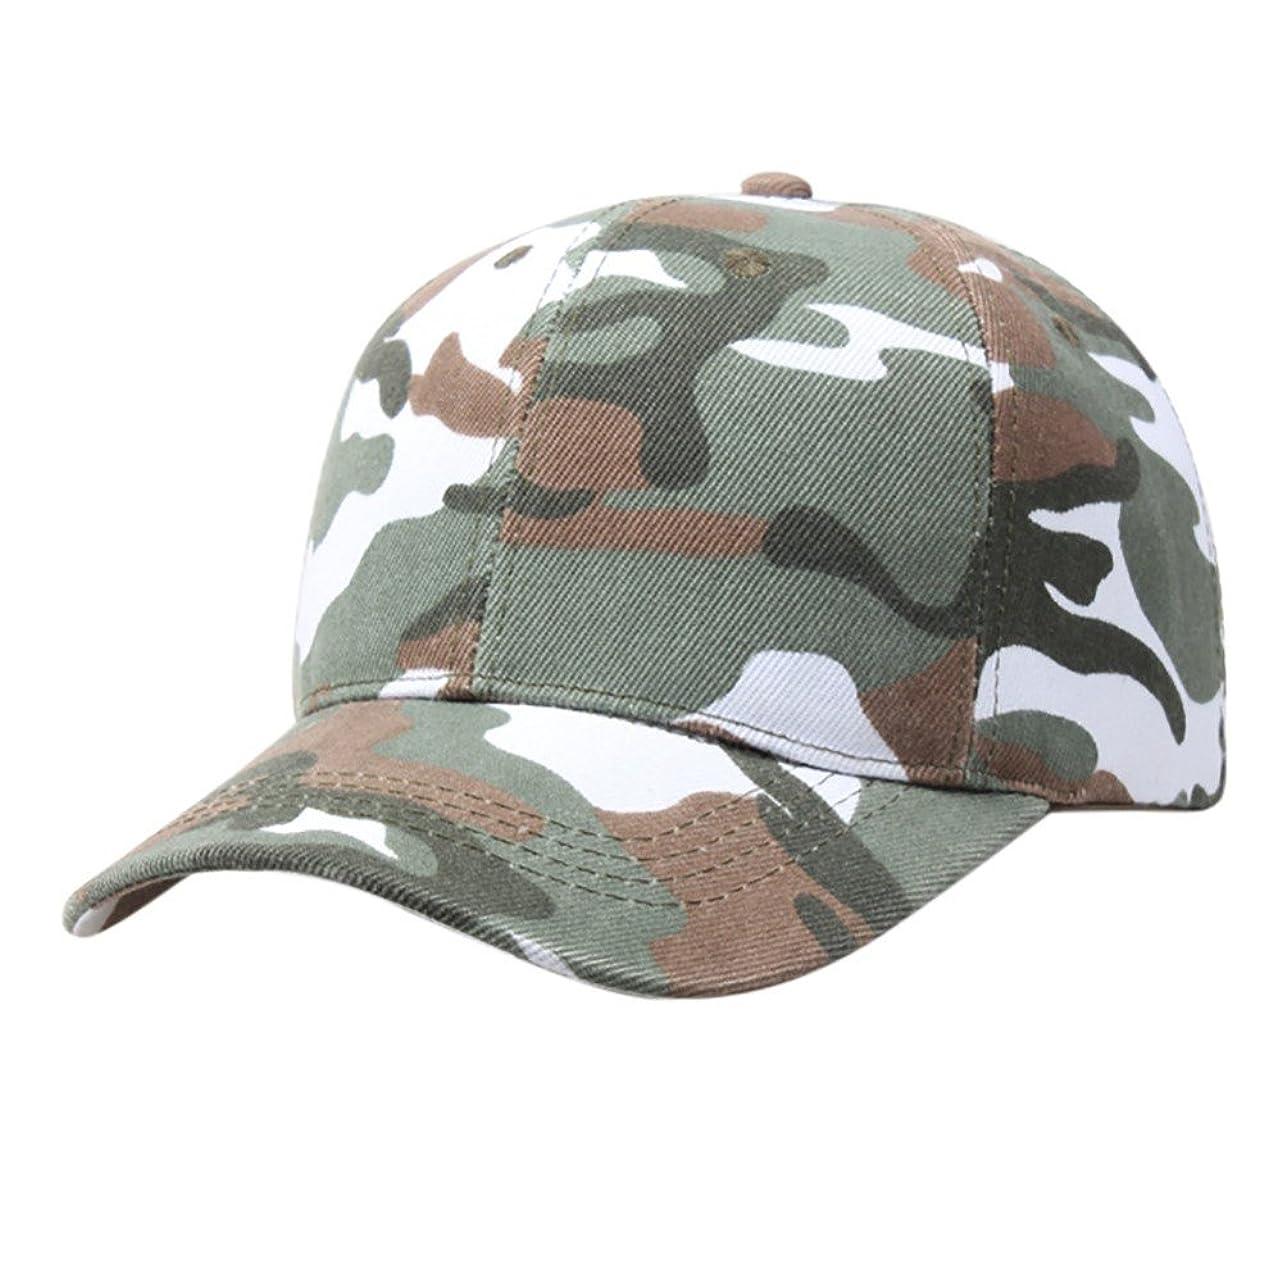 襟トーン織機Racazing Cap 迷彩 野球帽 軍用 通気性のある ヒップホップ 帽子 夏 登山 緑 可調整可能 棒球帽 男女兼用 UV 帽子 軽量 屋外 カモフラージュ Unisex Cap (緑)